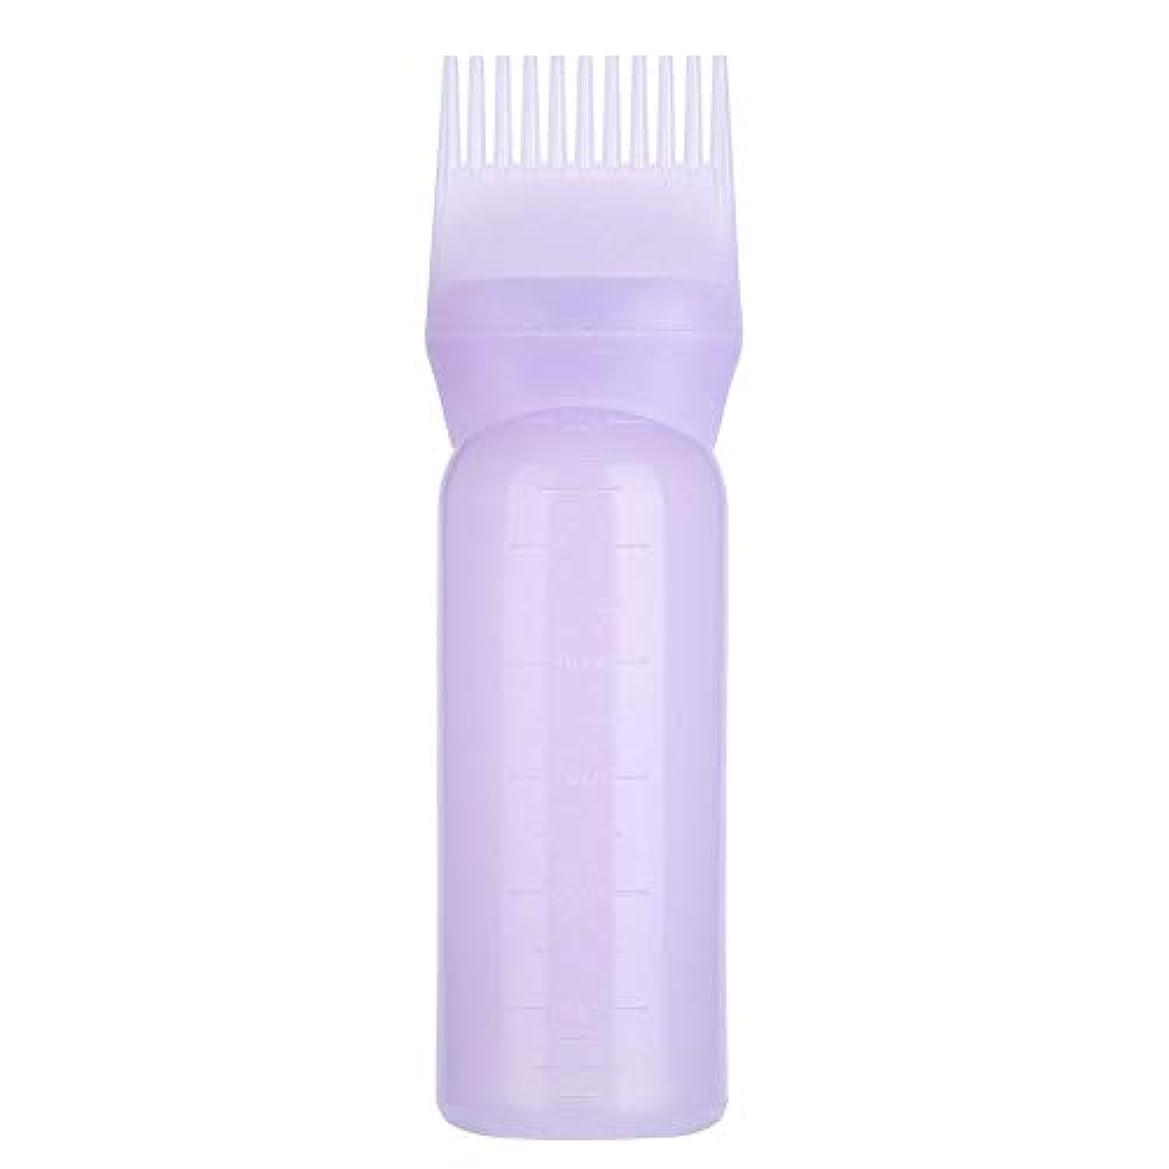 引き受ける秋寮3色 髪染めボトルブラシ 髪色オイル シャンプー くしアプリケーターツール(1)